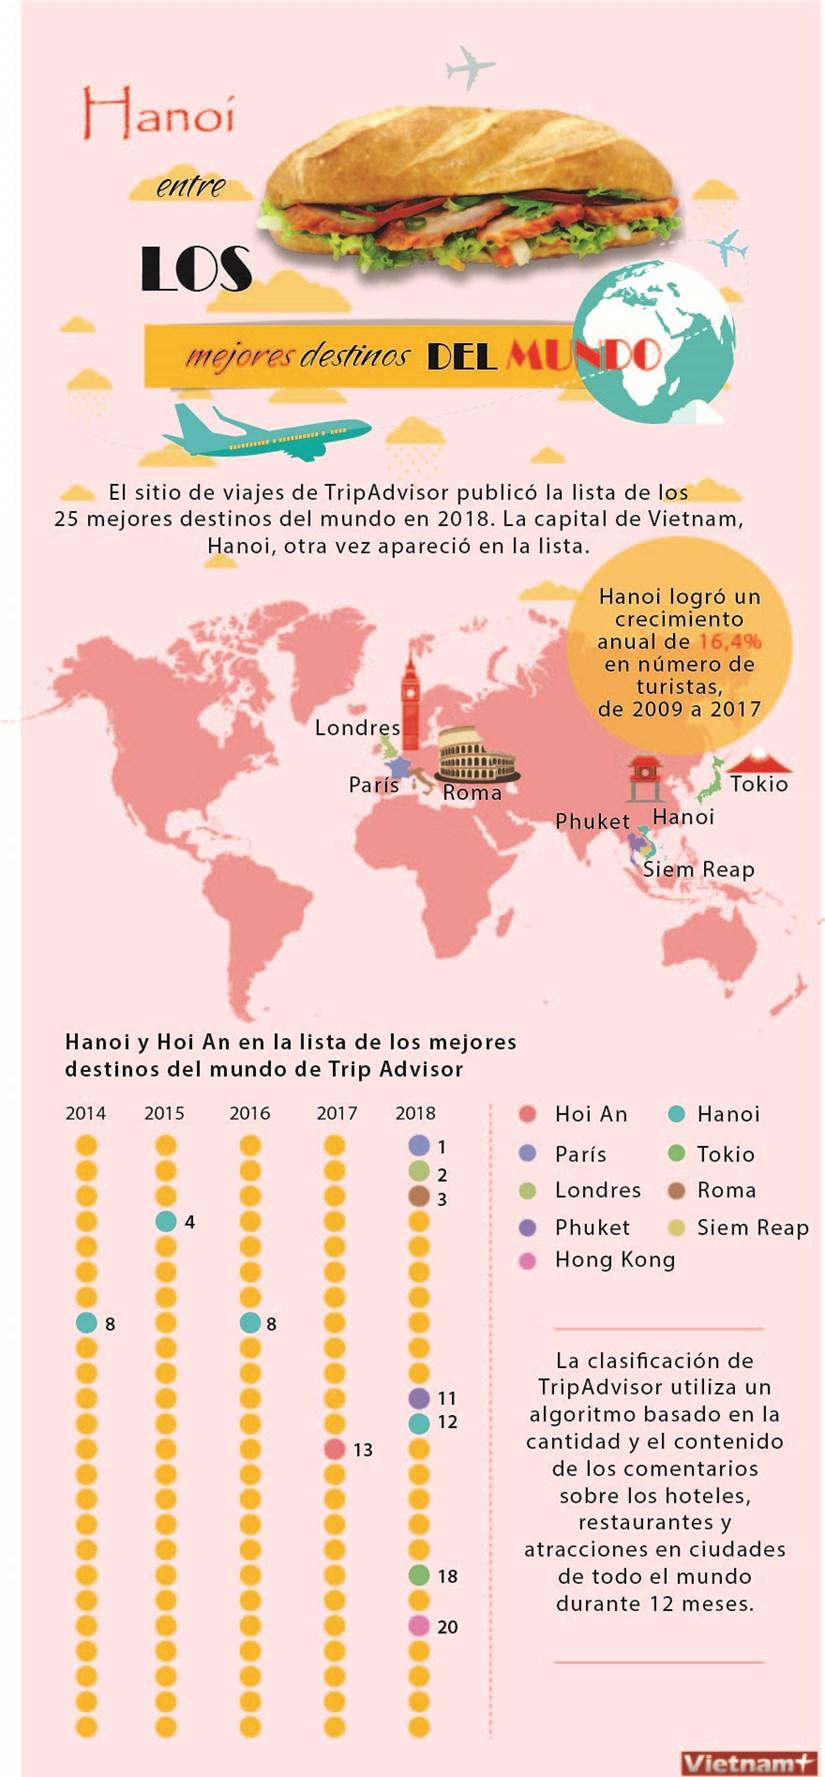 [Info] Hanoi entre los mejores destinos del mundo hinh anh 1